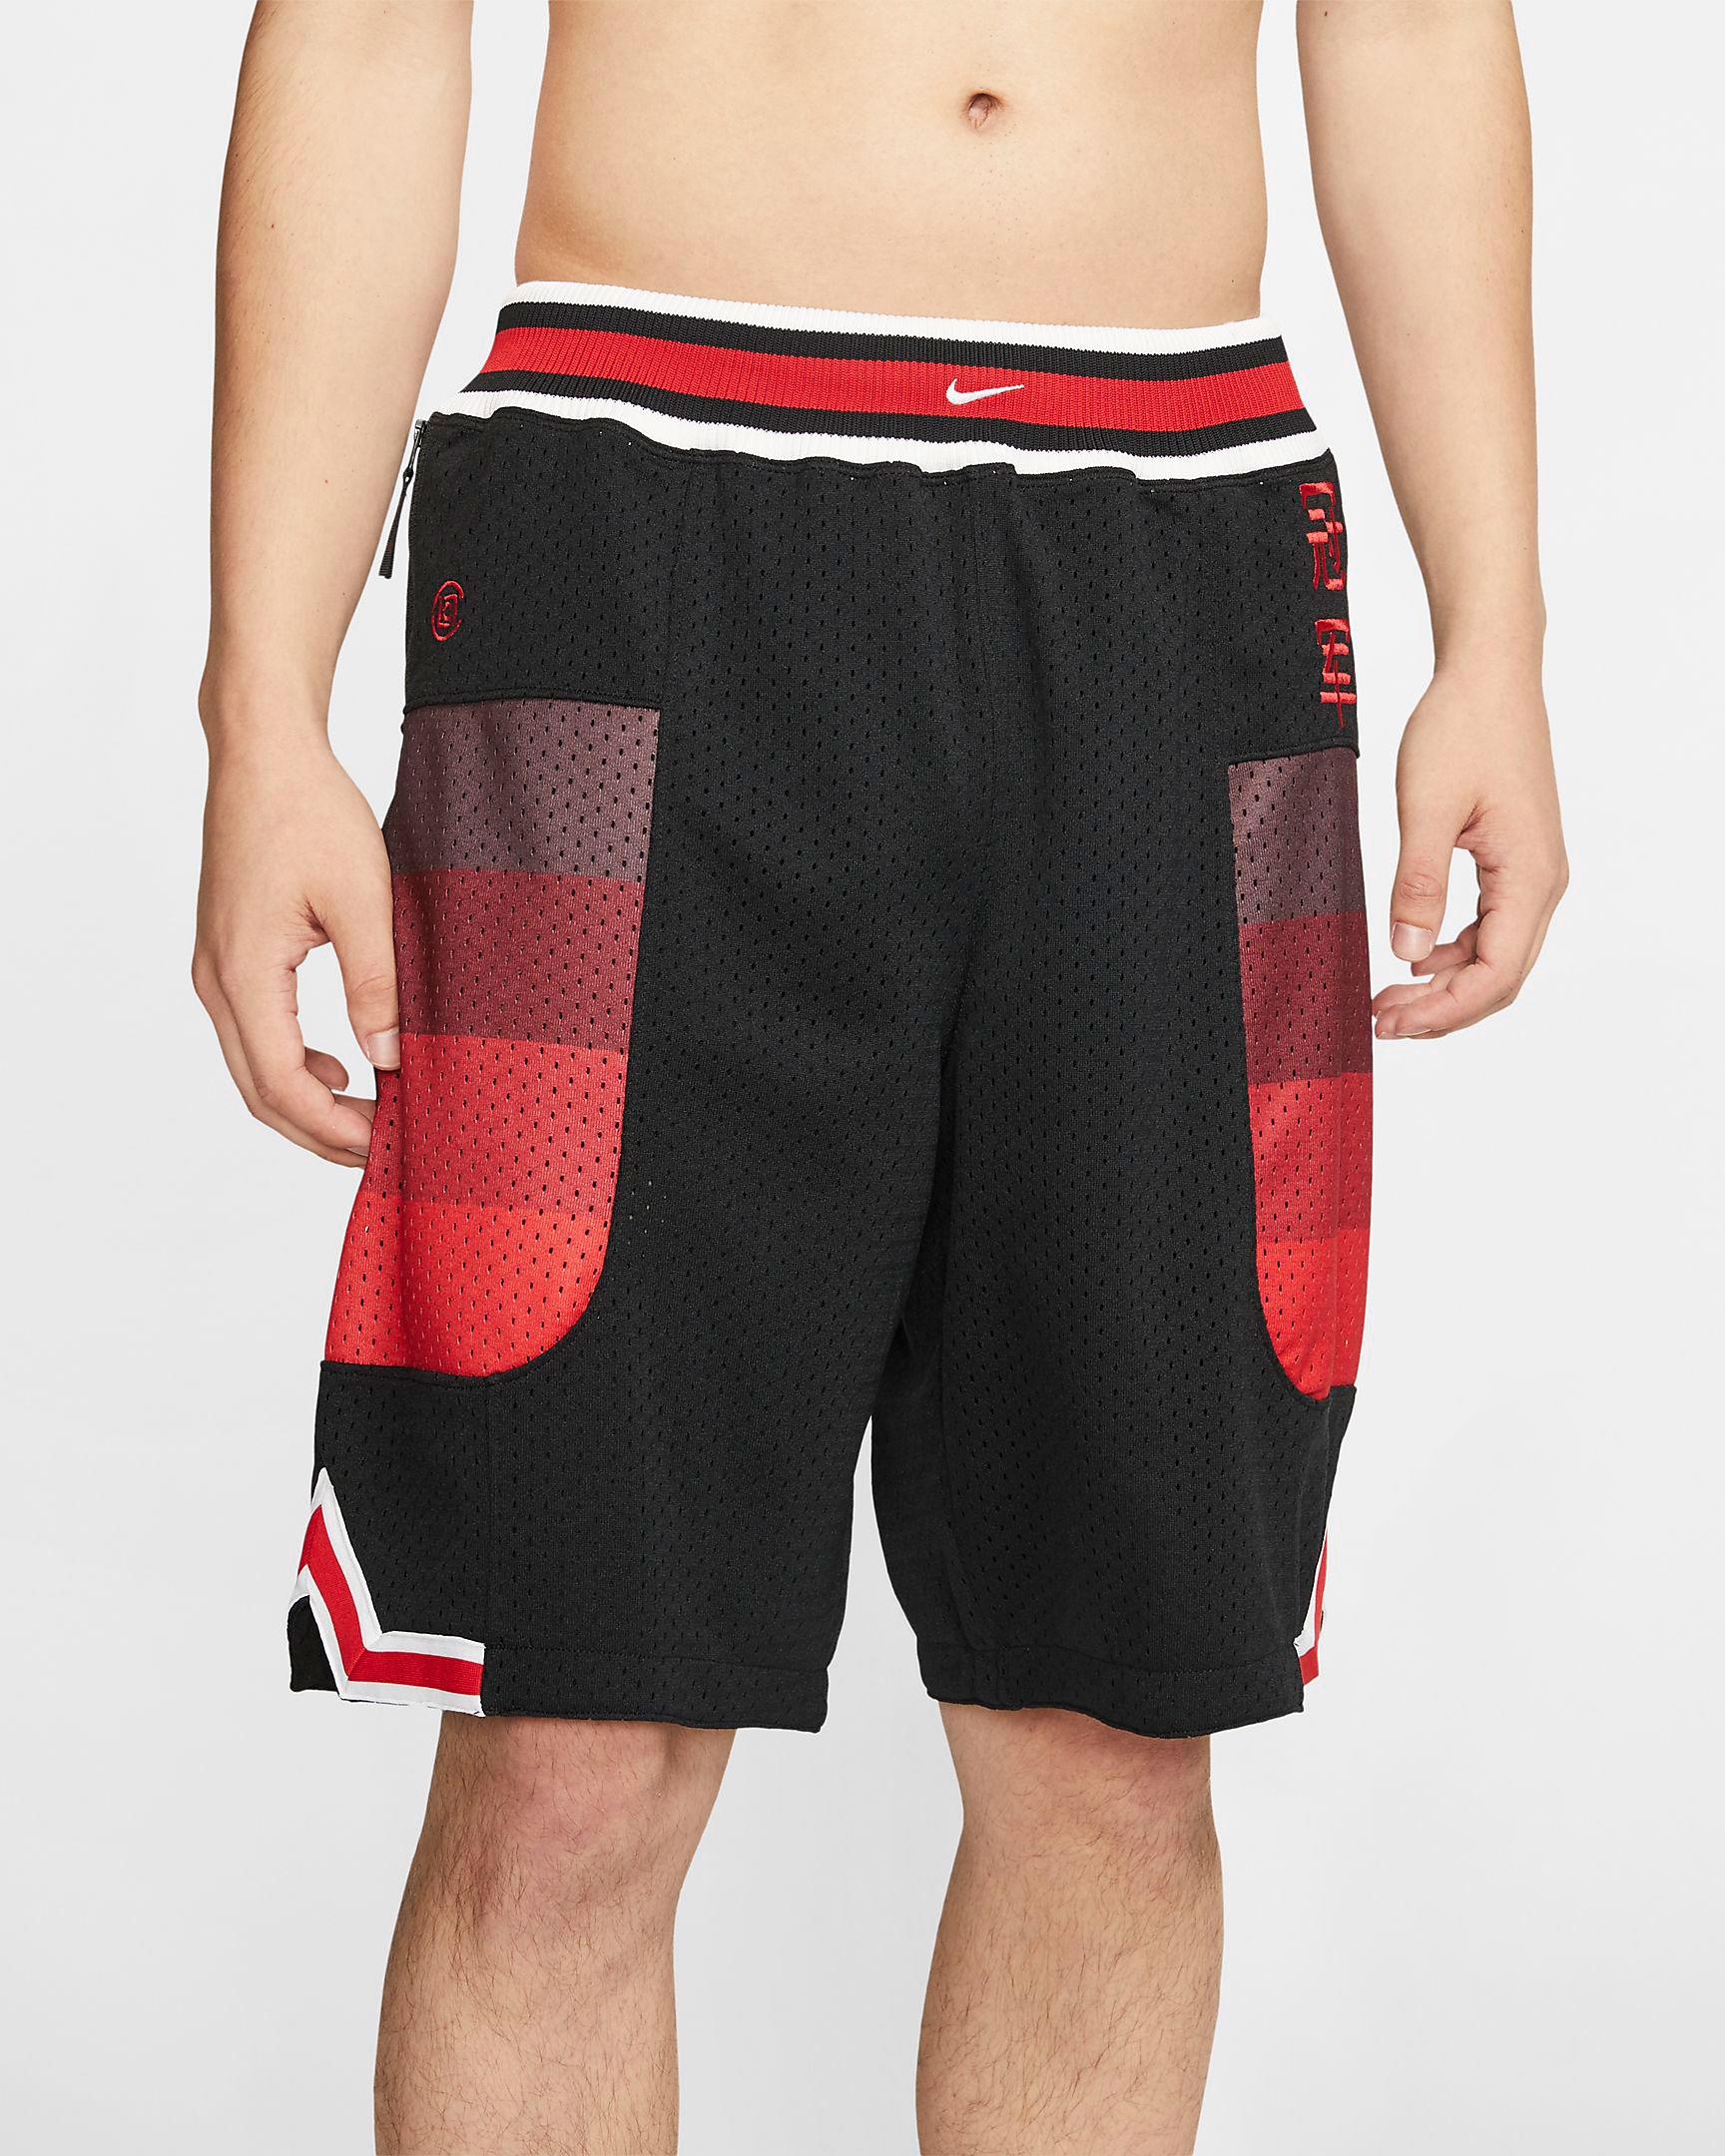 clot-air-jordan-1-mid-fearless-shorts-1